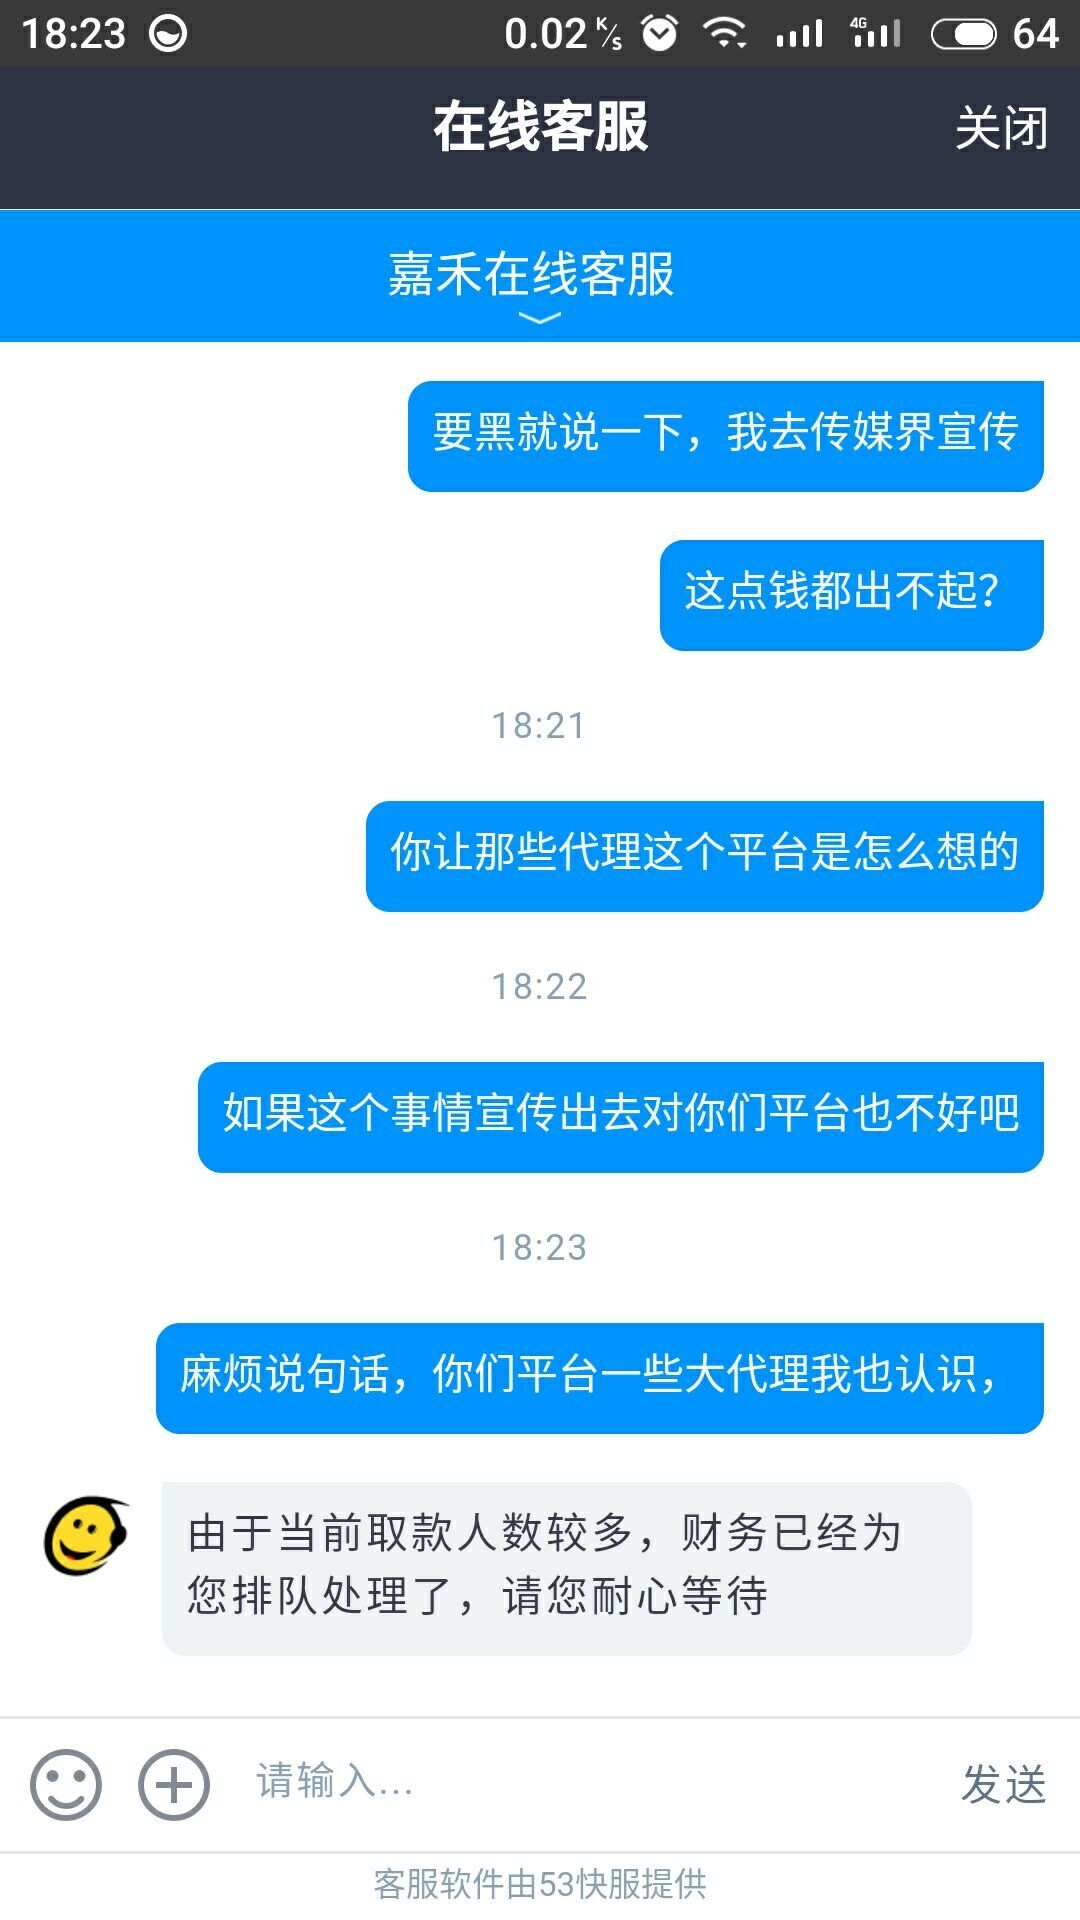 《嘉禾事件,5.6万不予出款》